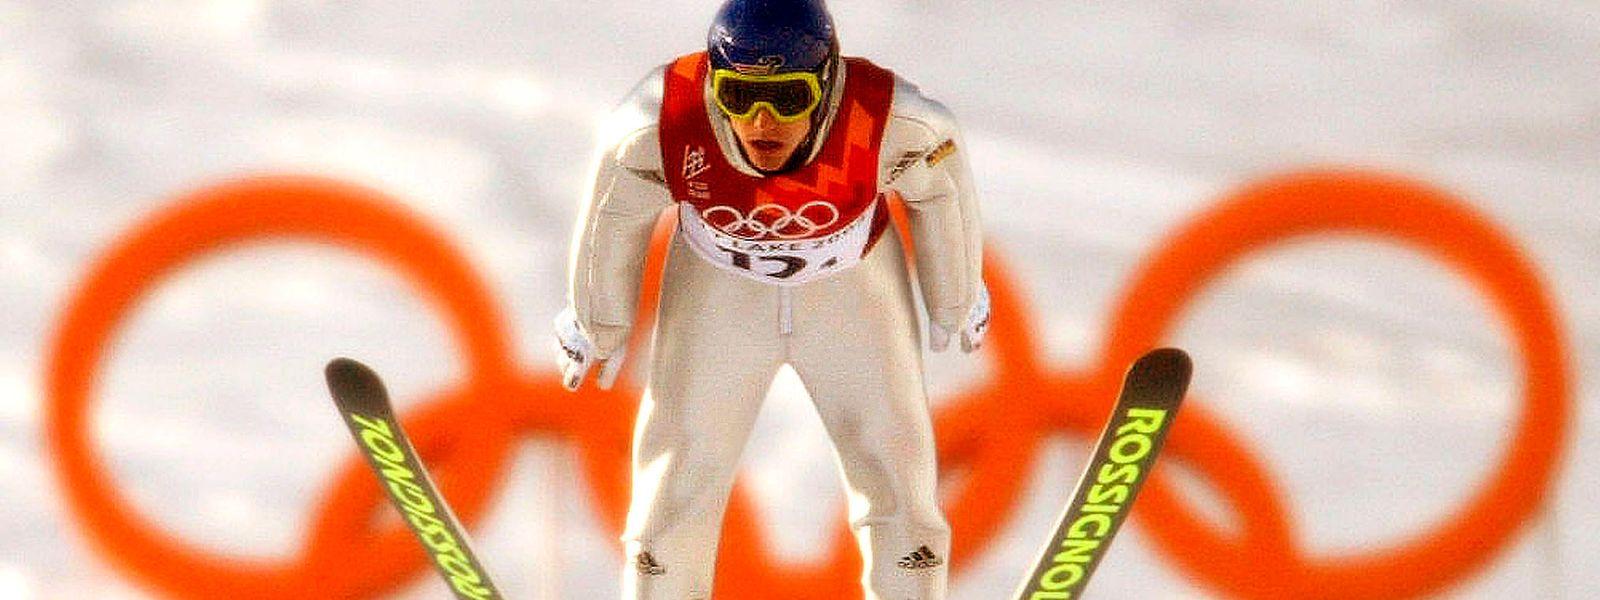 Sven Hannawald gewann bei den Olympischen Winterspielen 2002 in Salt Lake City die Goldmedaille mit der Mannschaft.